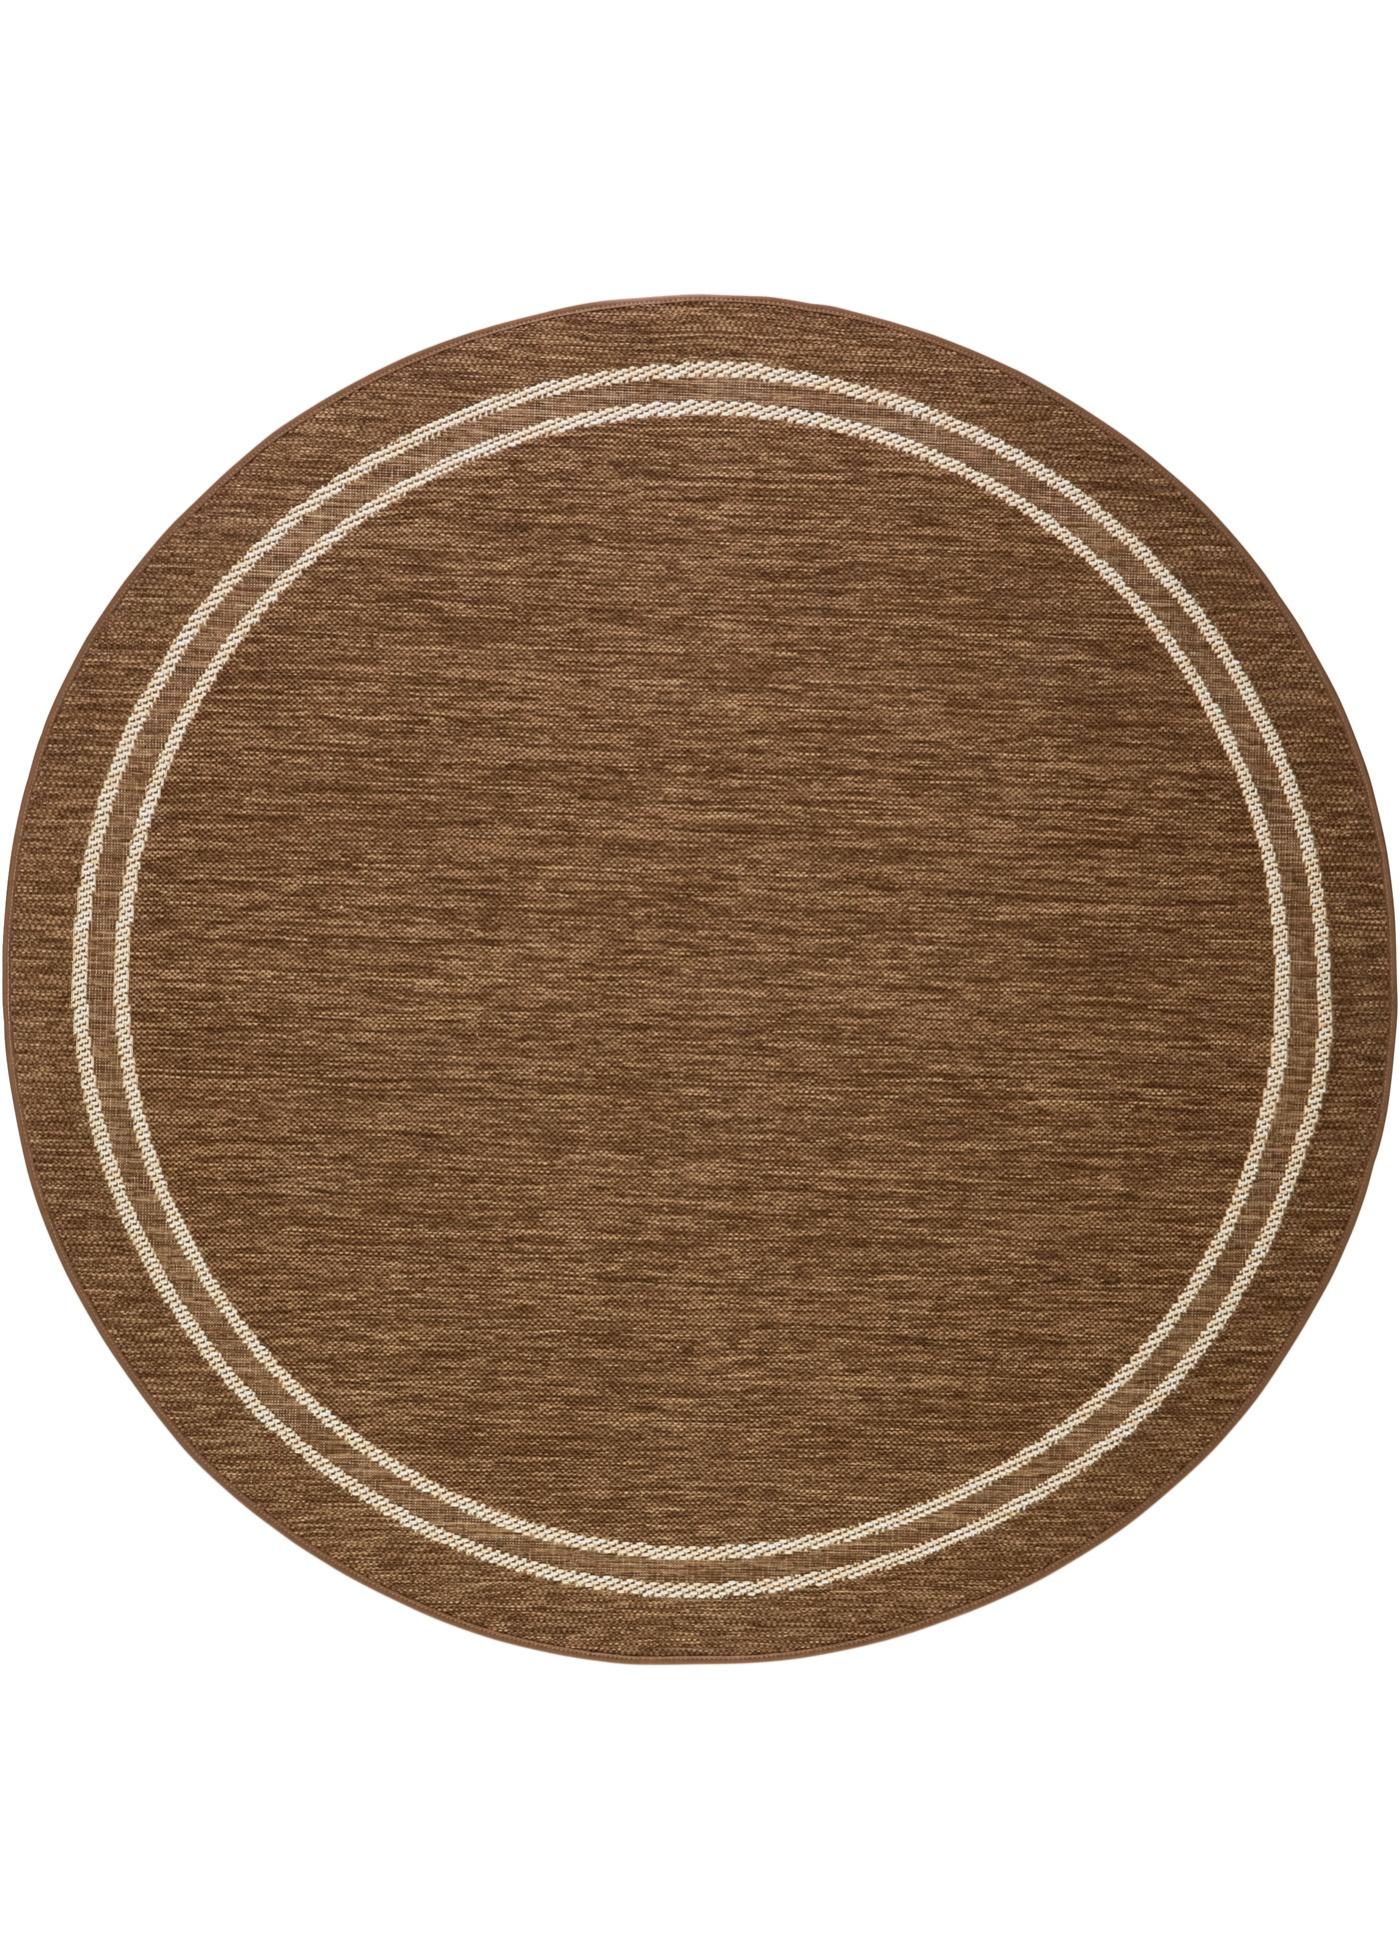 Runder In- und Outdoor Teppich mit Bordüre